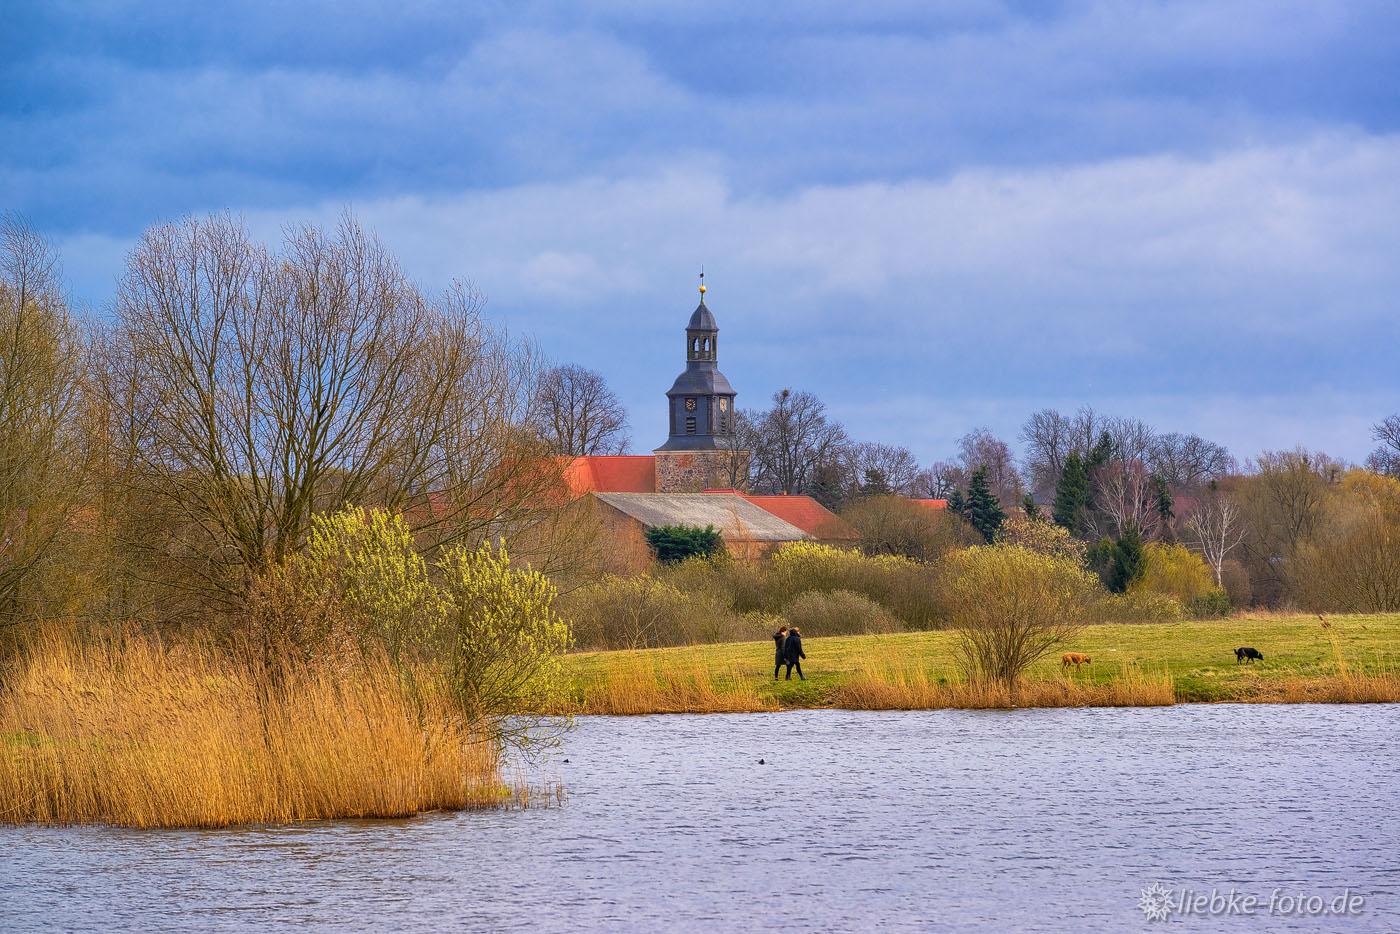 Blick über den Mühlensee nach Vehlefanz mit seiner Kirche